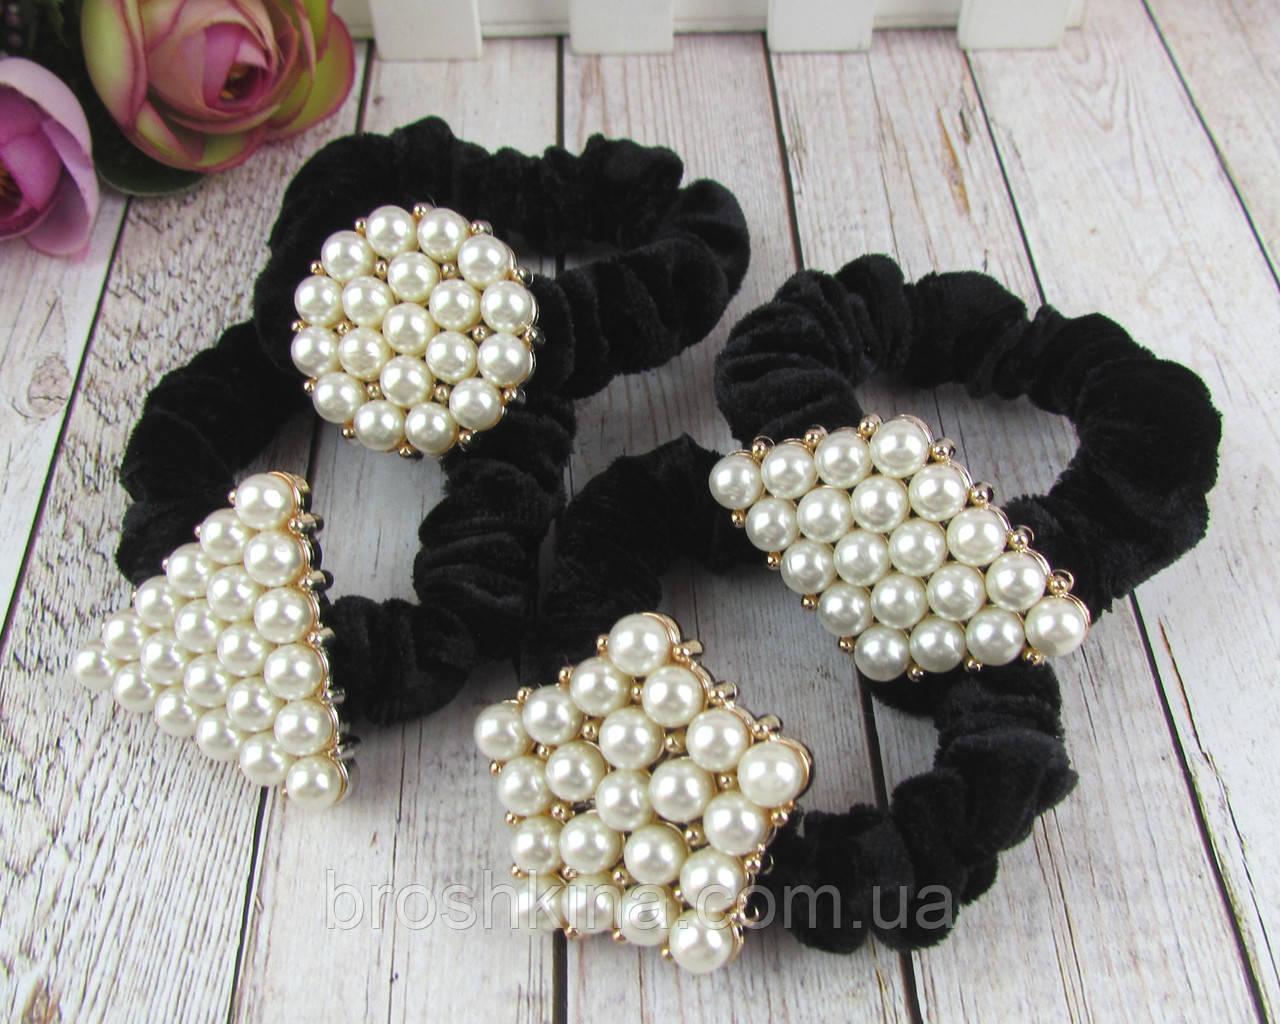 Оксамитові гумки для волосся з перлами 12 шт/уп. чорні